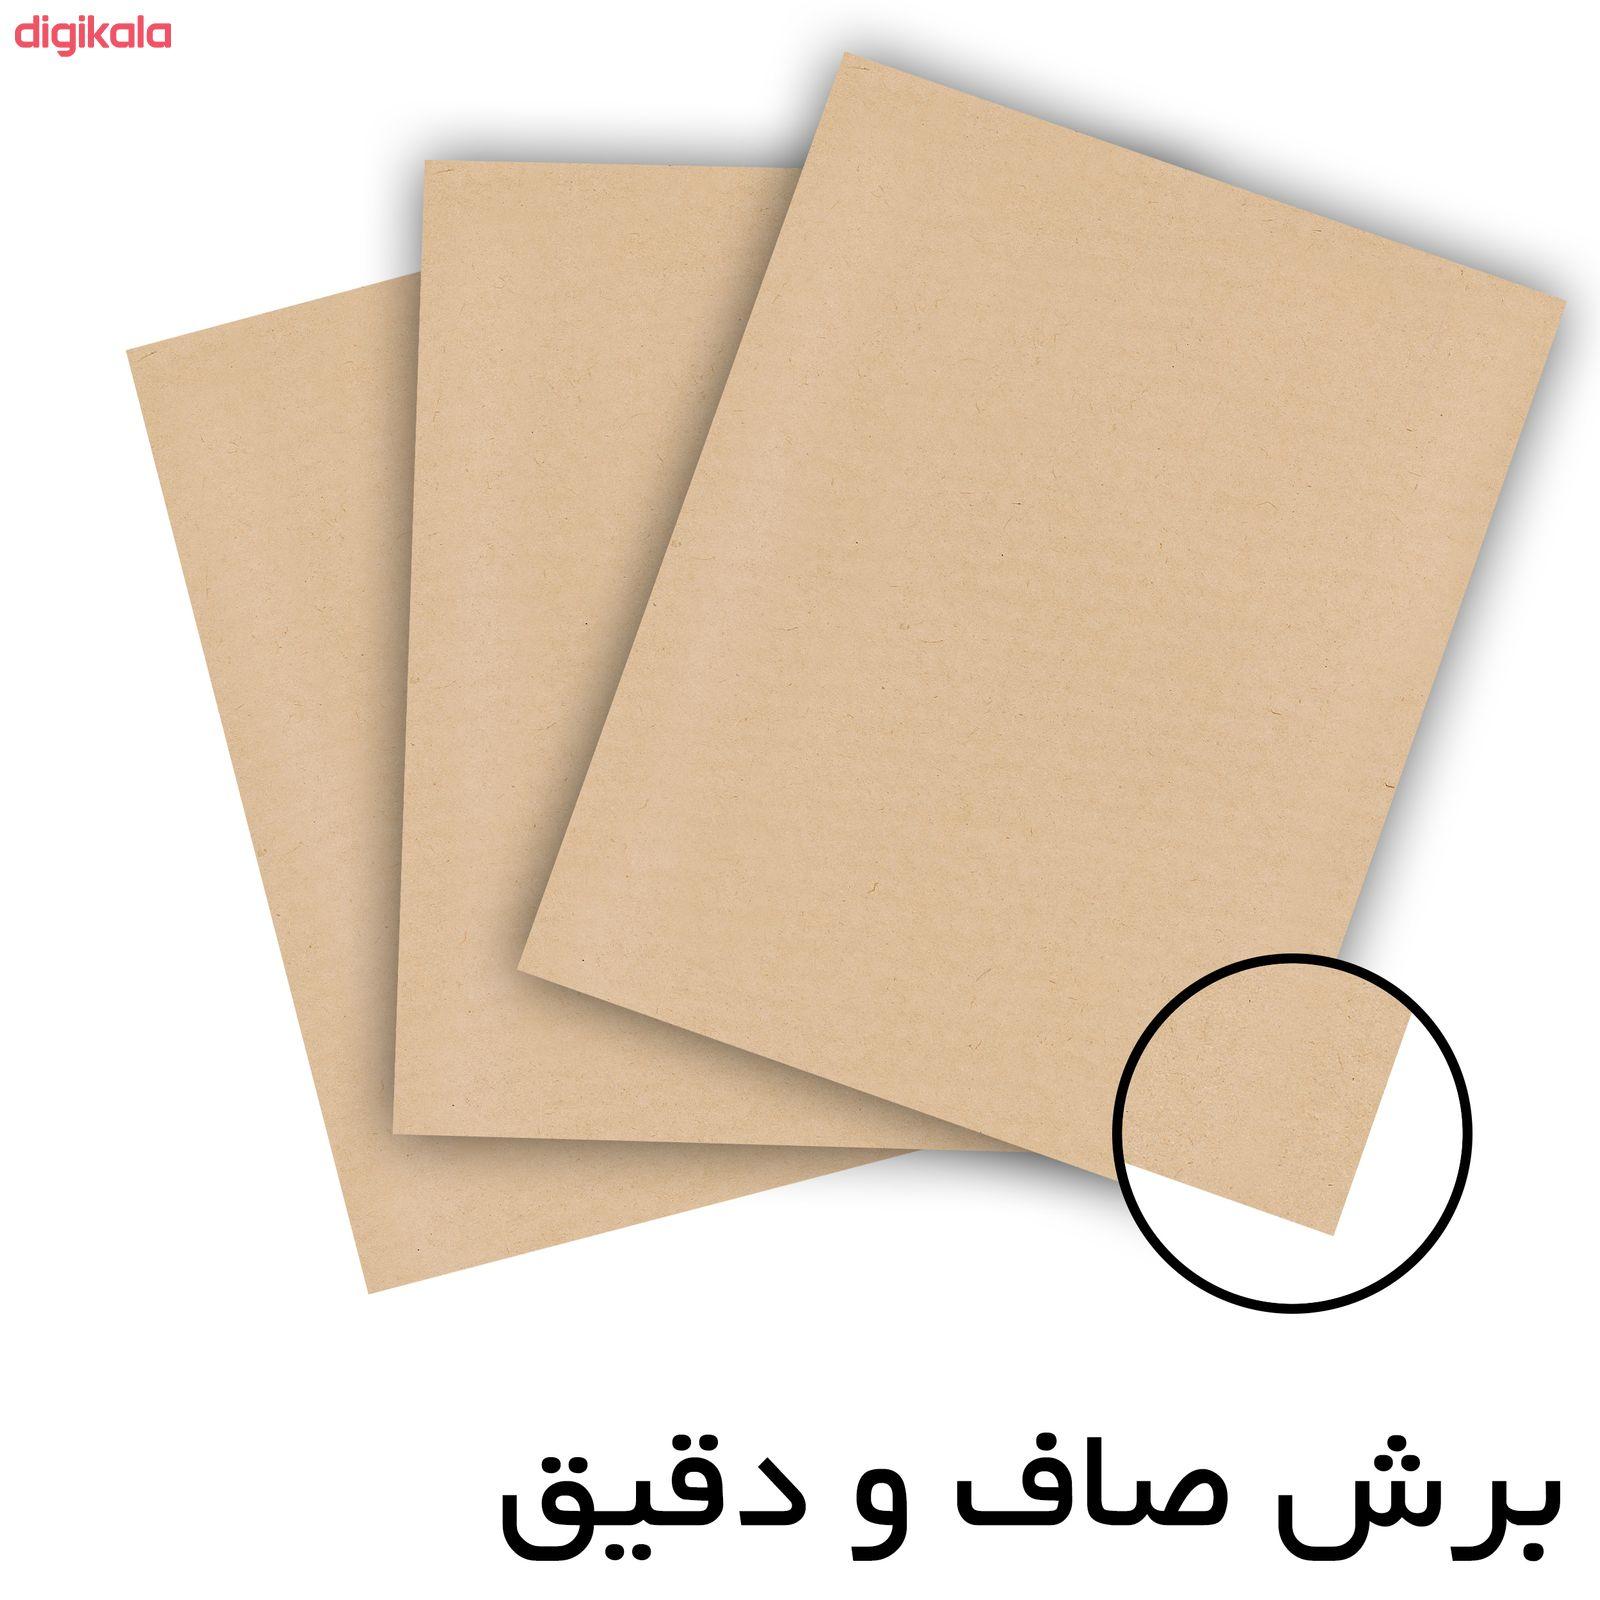 کاغذ کرافت مستر راد کد 1436 بسته 50 عددی main 1 16